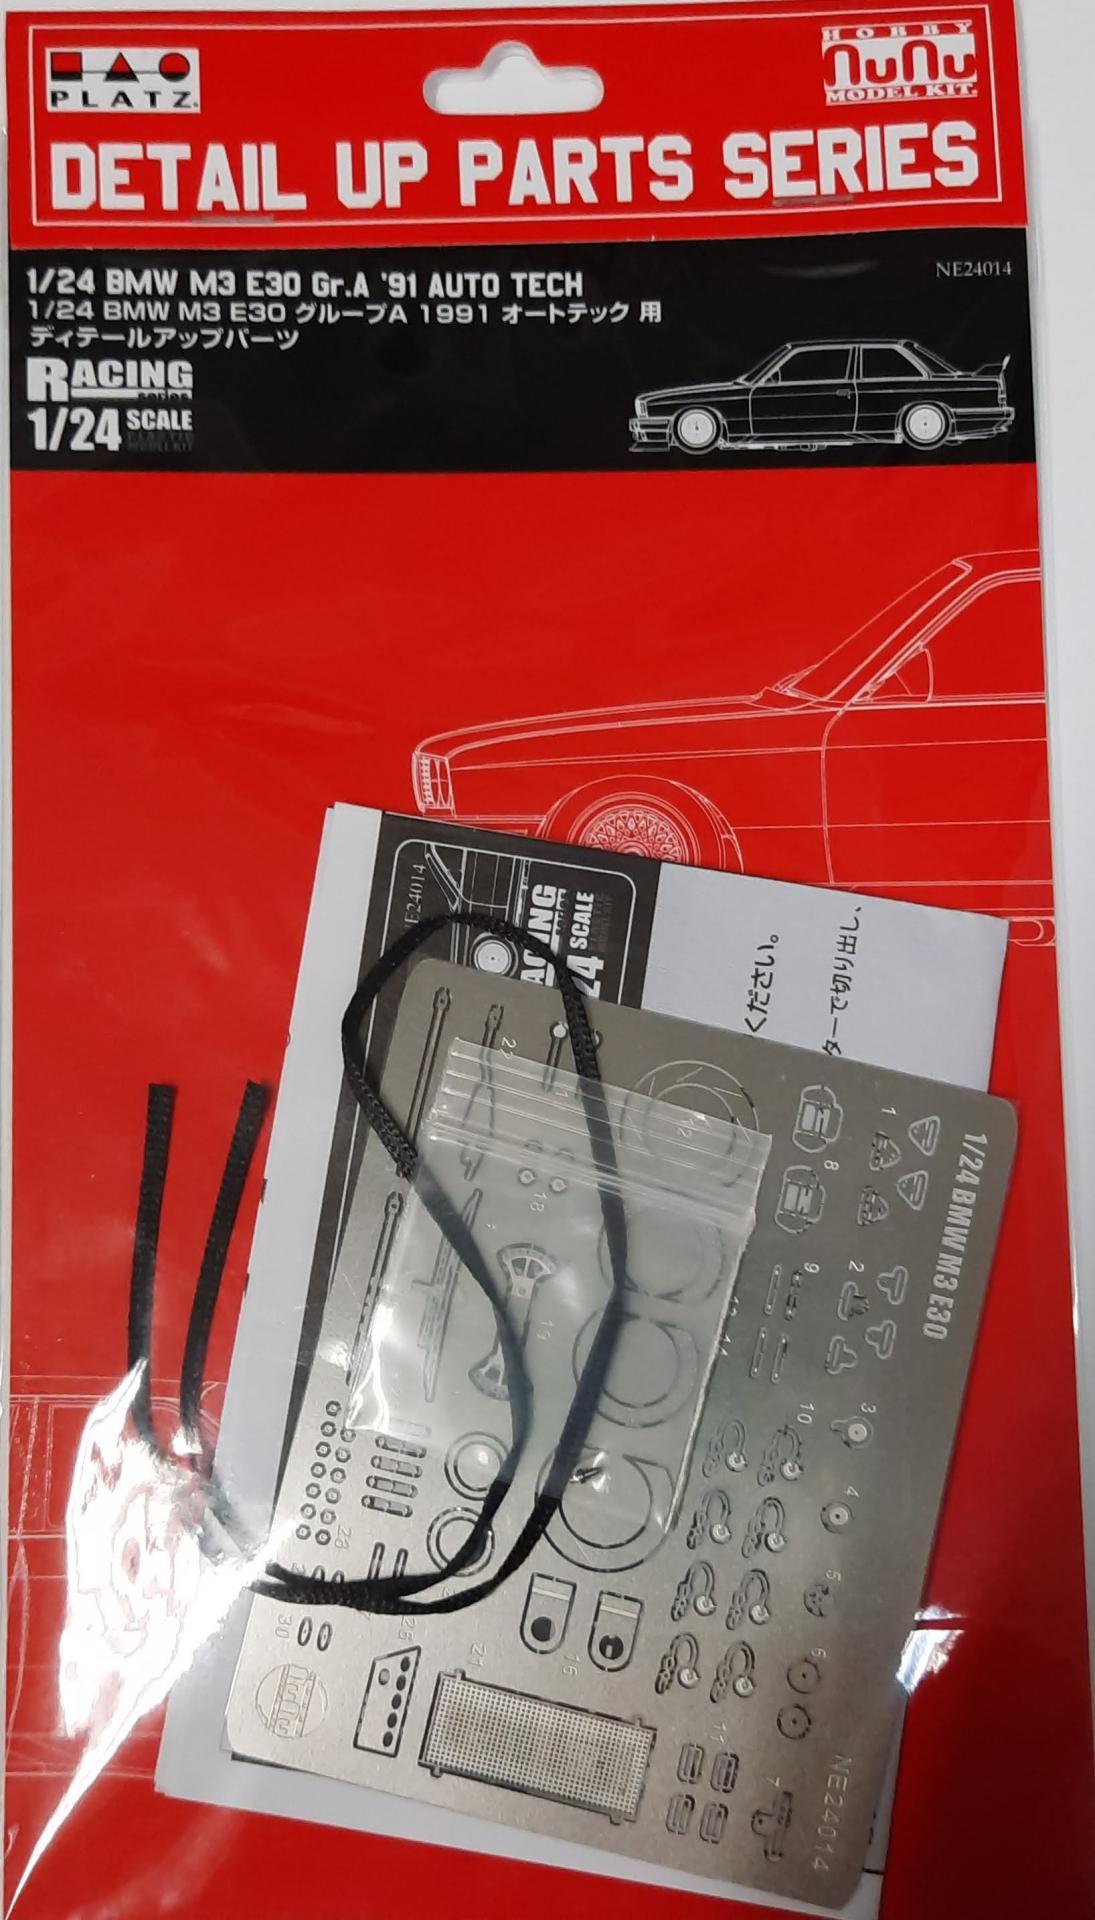 1/24 BMW M3 E30 Gr.A 91 Auto Tech Detail Up Parts